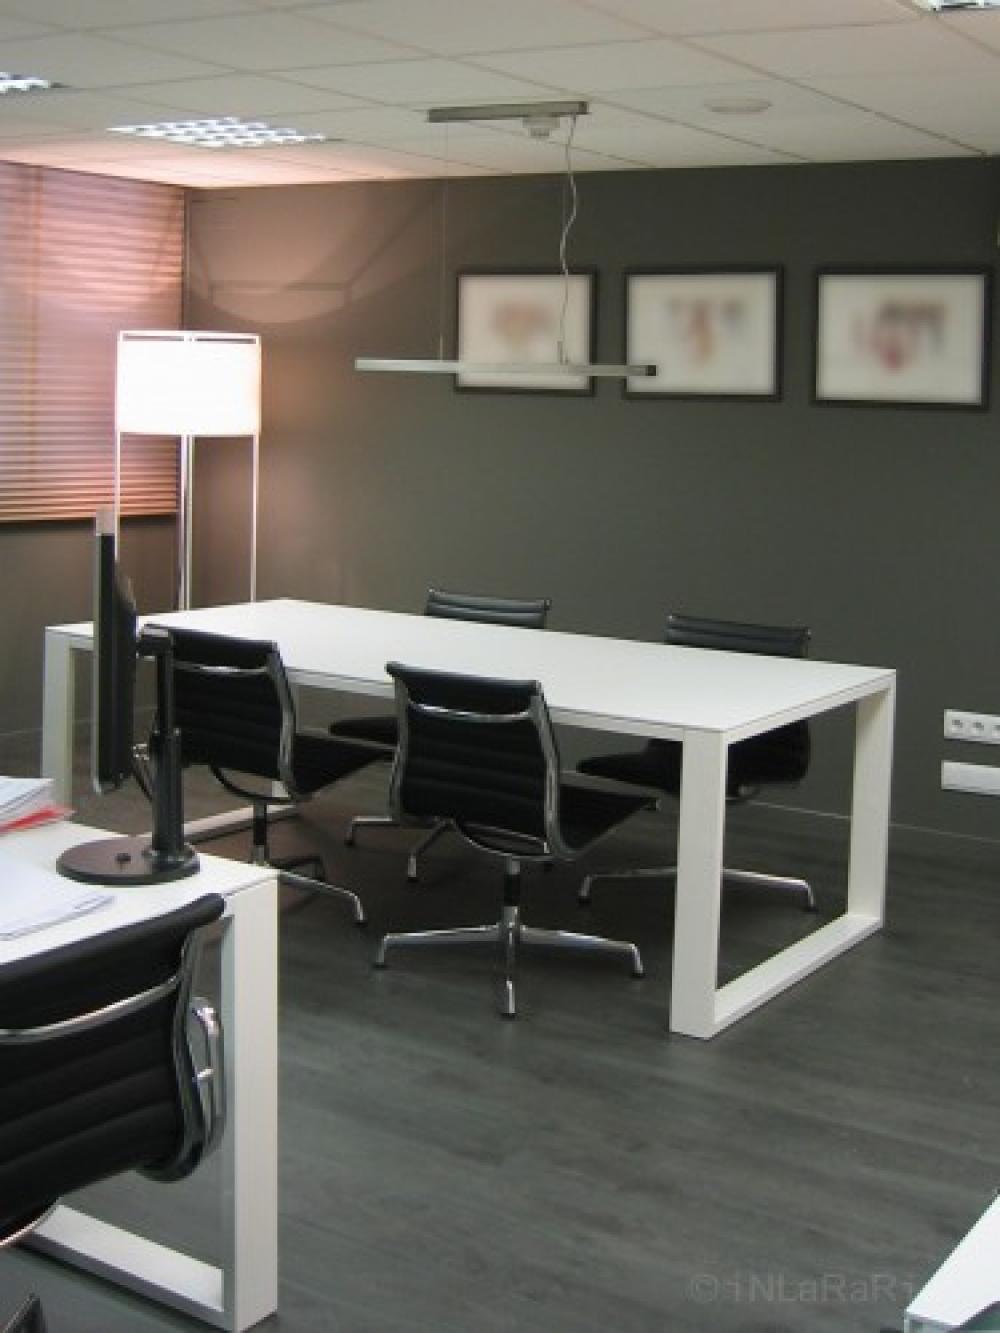 Tienda Oficit, tienda de mobiliario de oficina en Madrid Capital ...